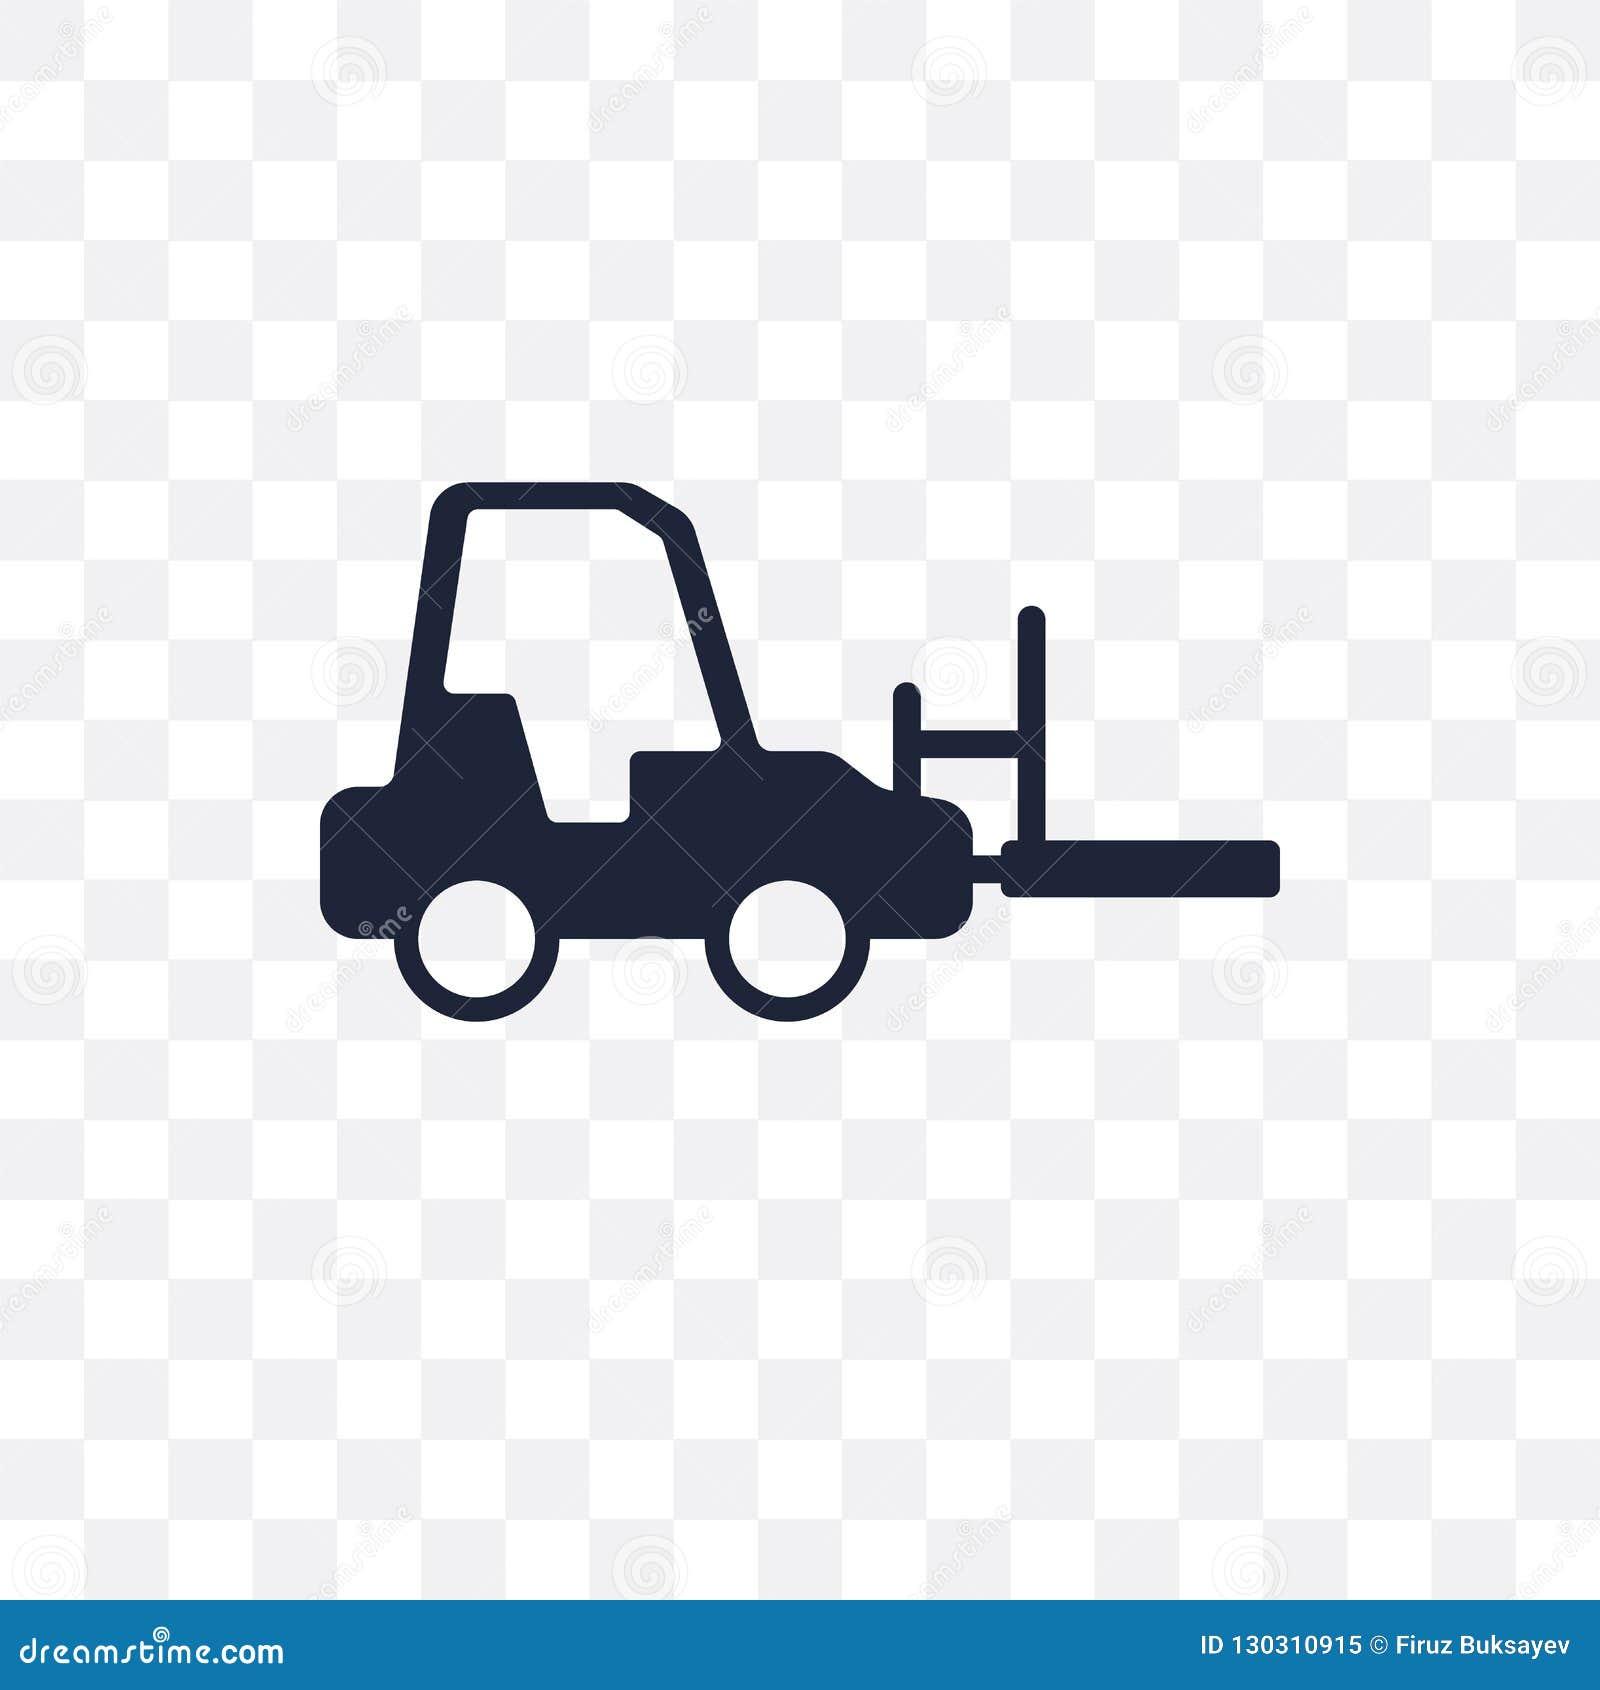 Icono Transparente De La Carretilla Elevadora Diseño Del Símbolo De